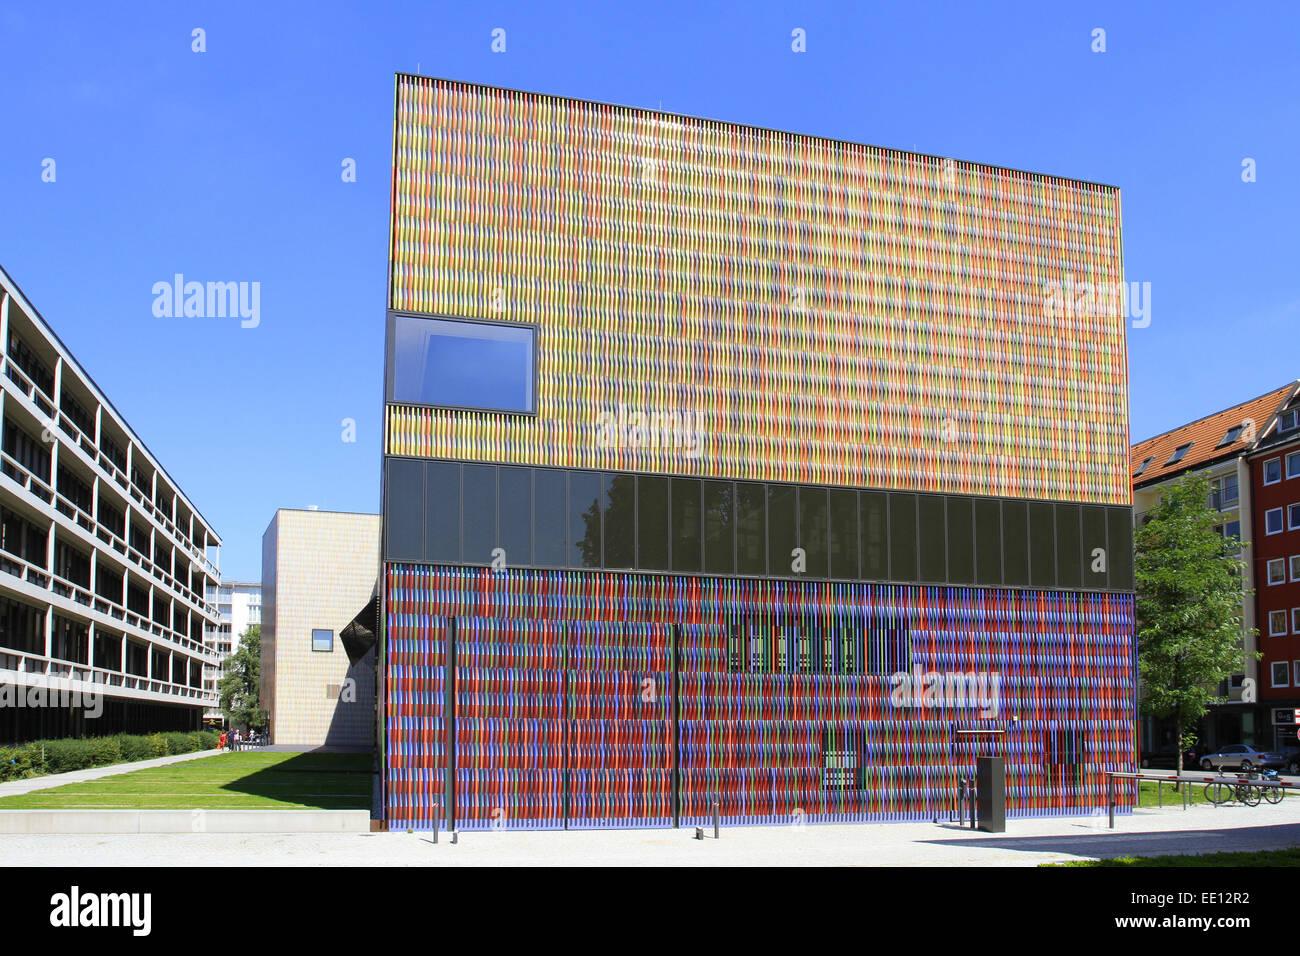 36, 000 einzelne Keramikflächen, Architektenbüro Sauerbruch Hutton, Architektur, Aussenfassade, Bayern, - Stock Image